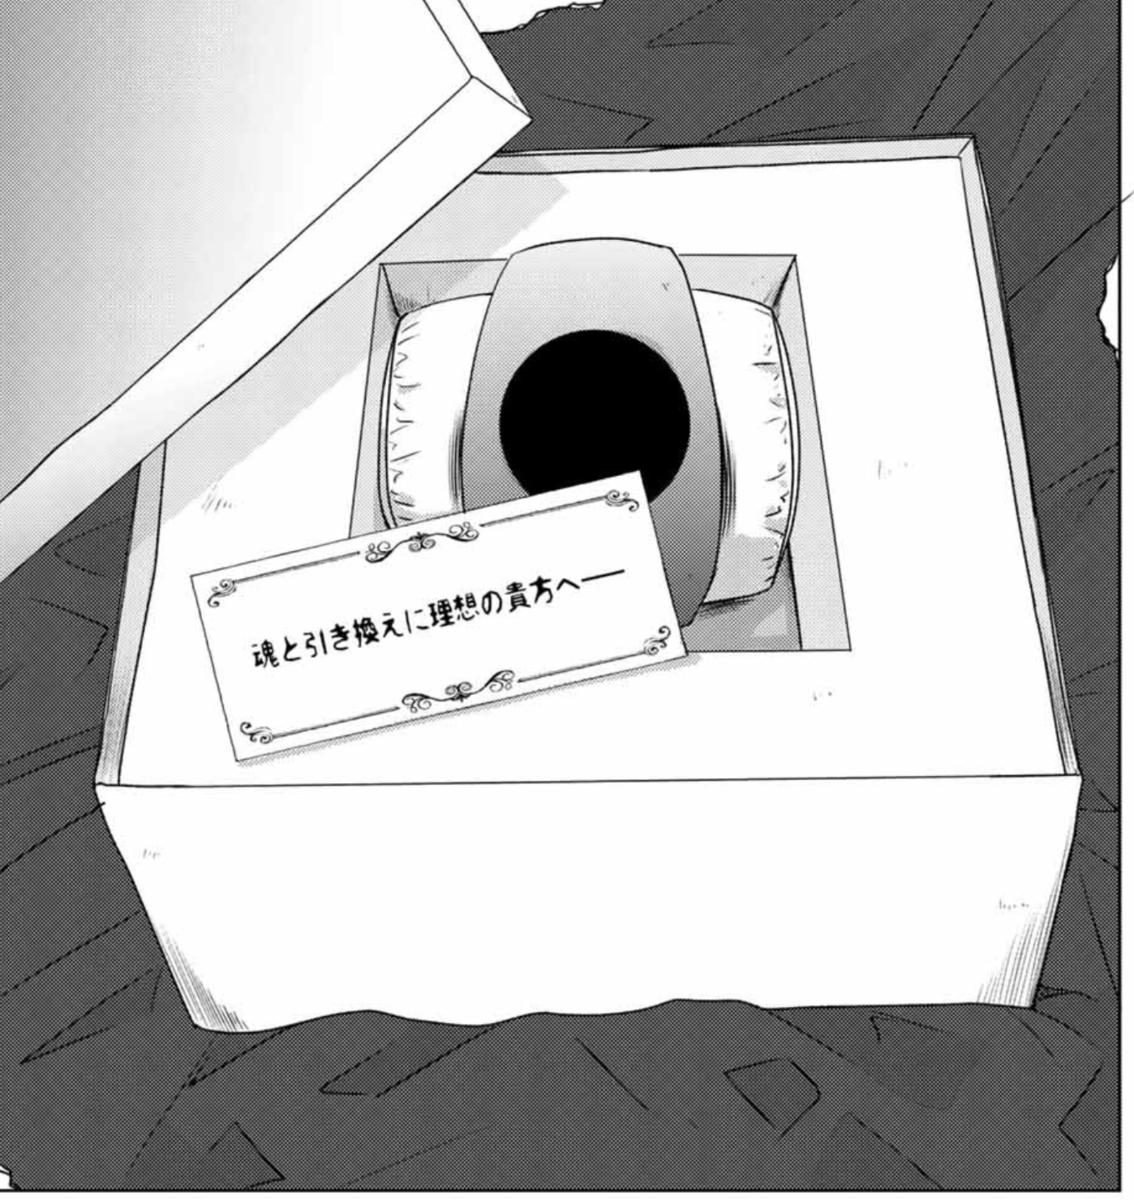 能力バトル、サバイバルも楽しめる「マガポケ」傑作サスペンス漫画特集! 後編